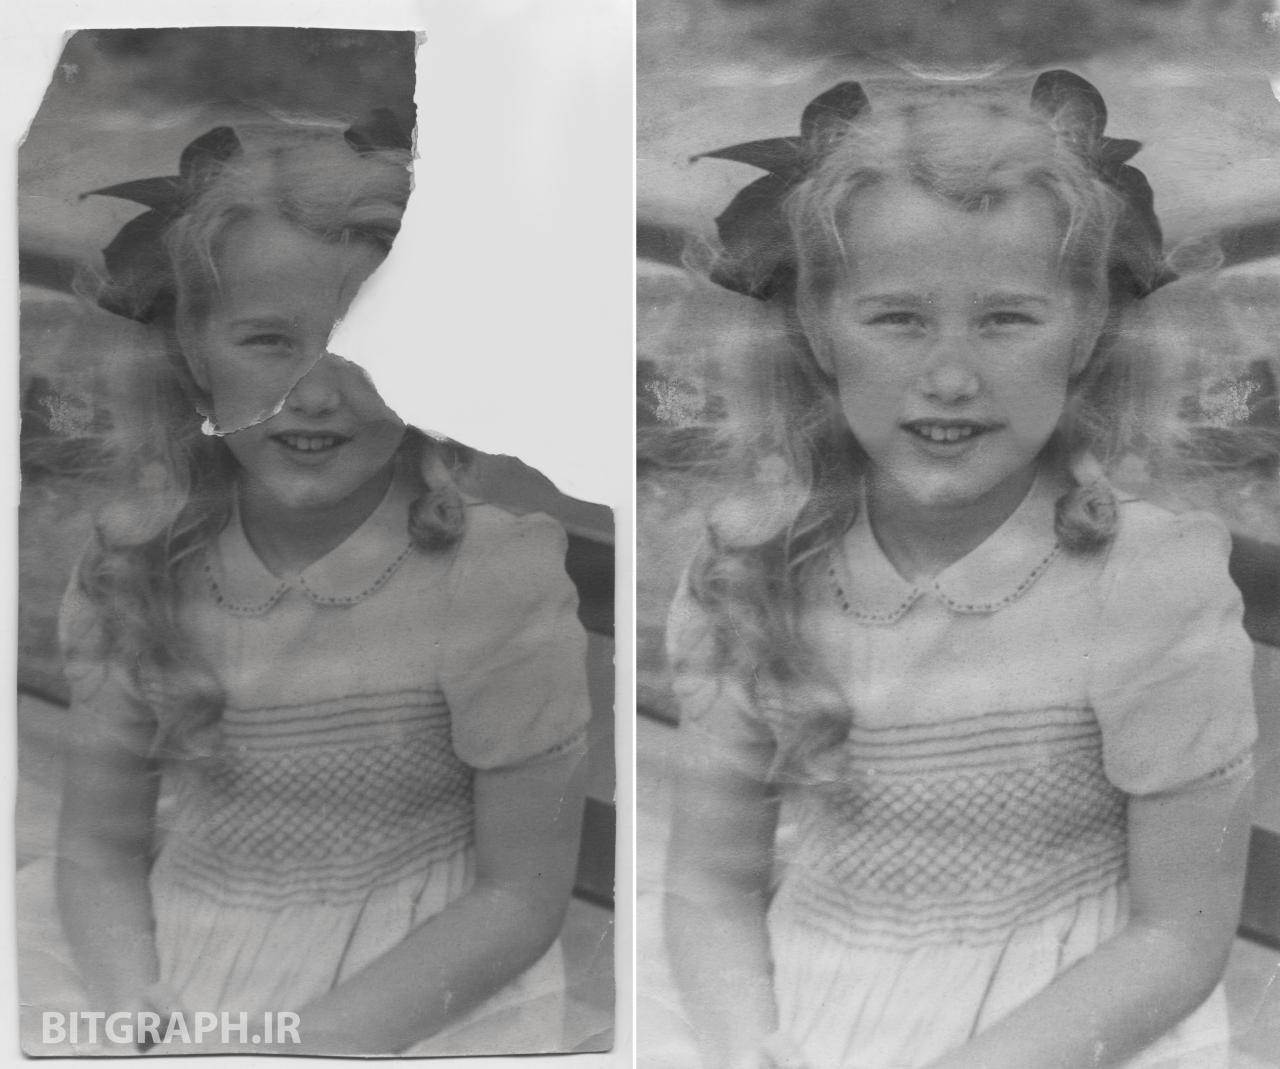 بازسازی و ترمیم عکس های قدیمی در فتوشاپ